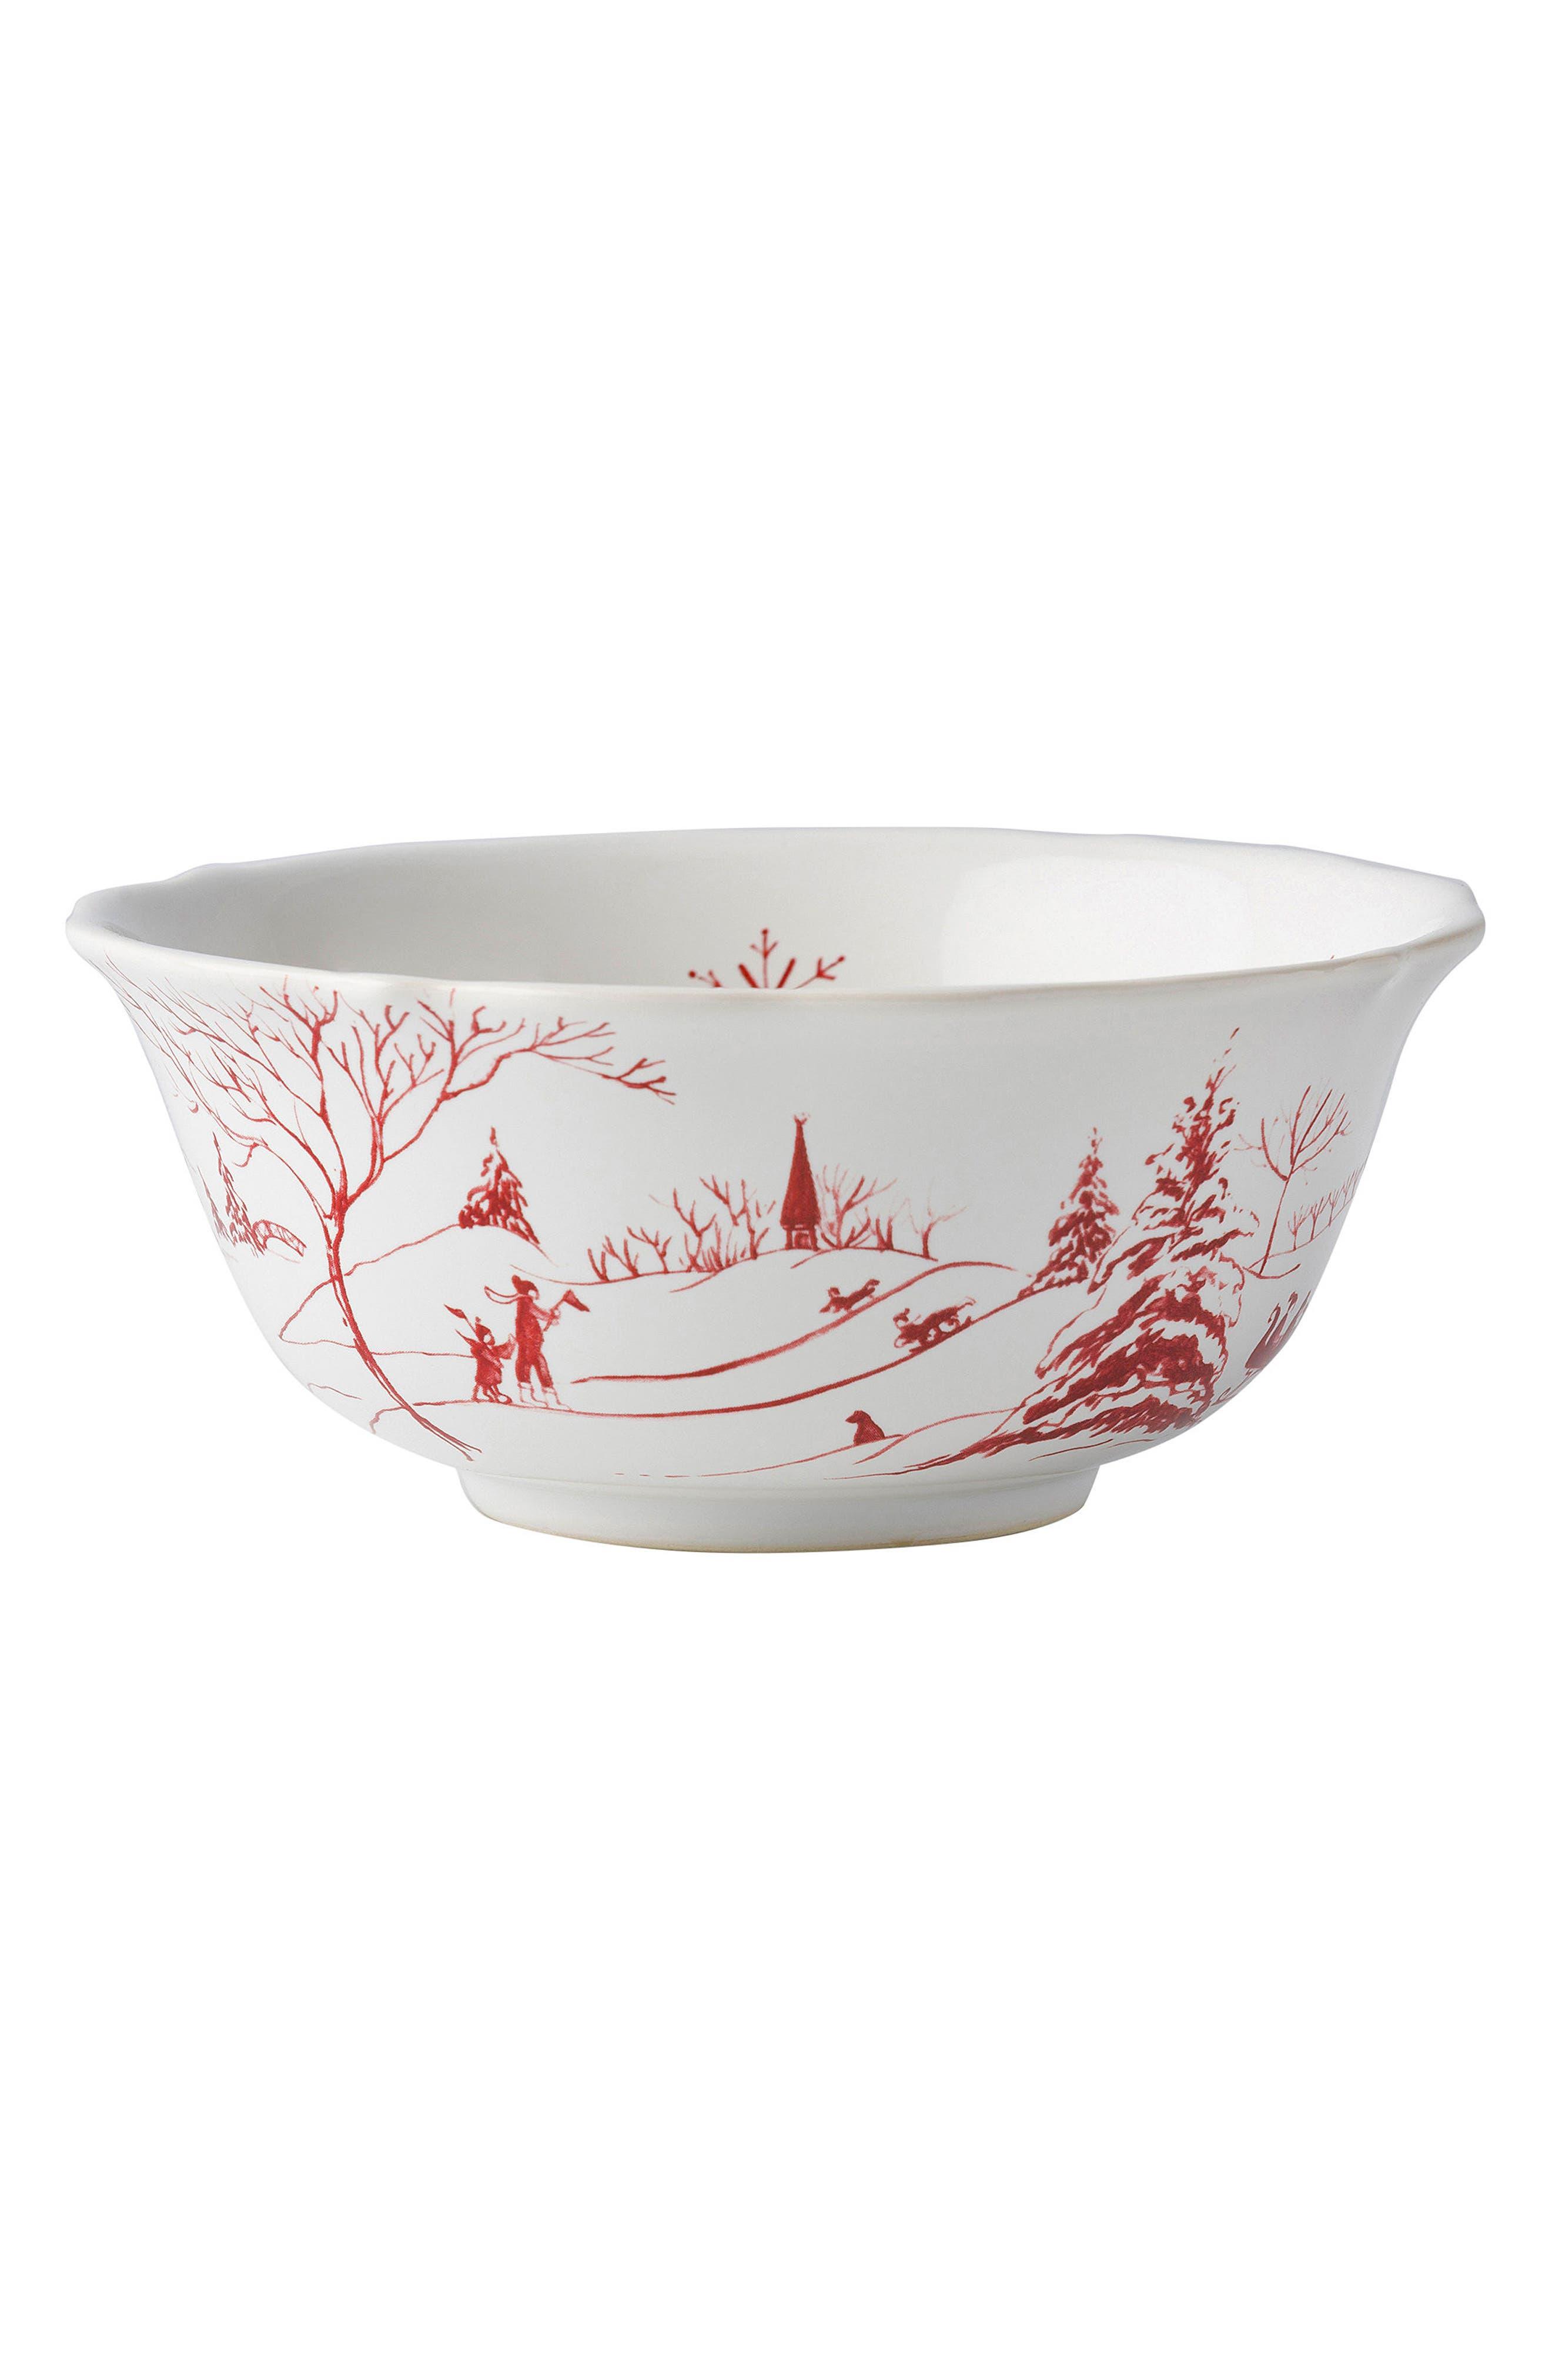 Juliska Winter Frolic Ceramic Cereal Bowl